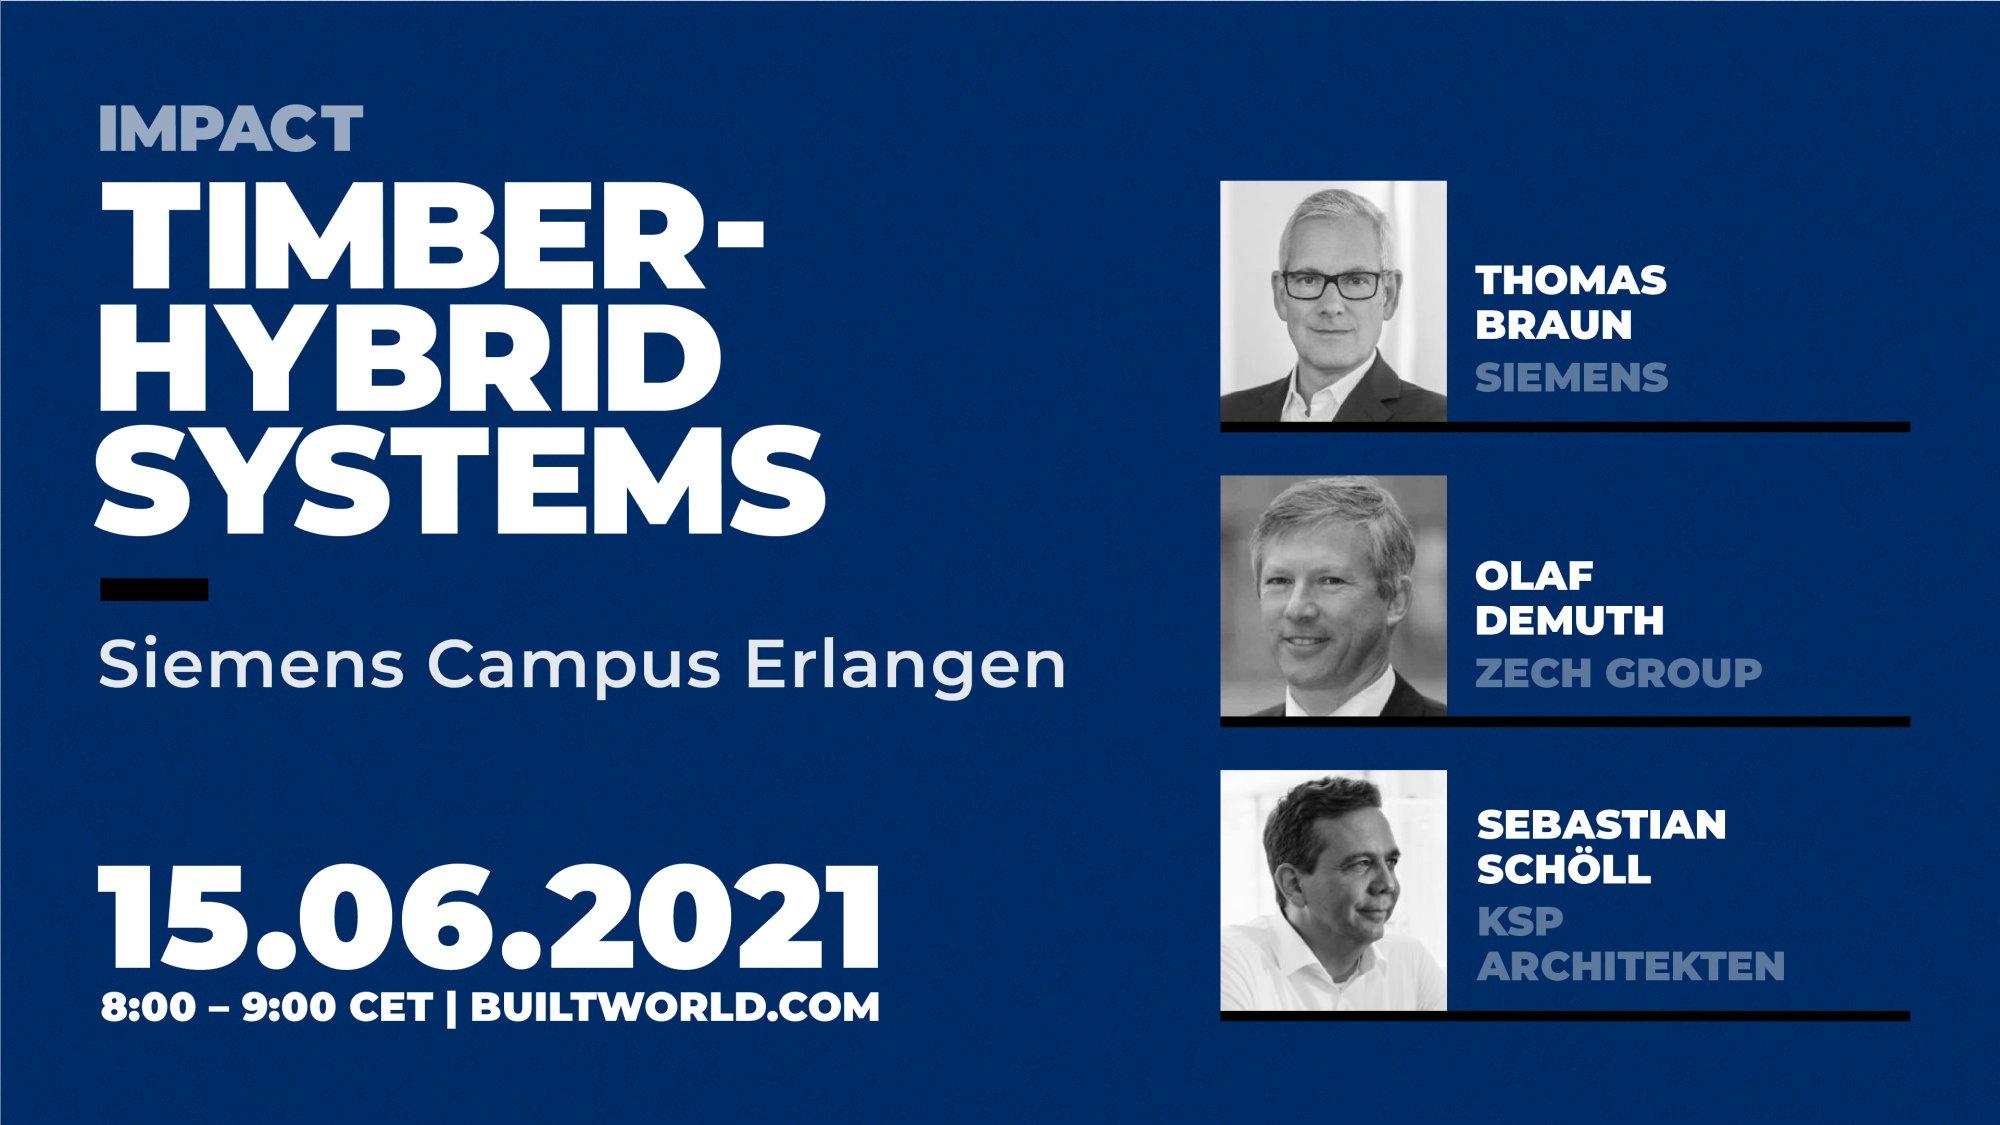 timber-hybrid-systems-siemens-campus-erlangen